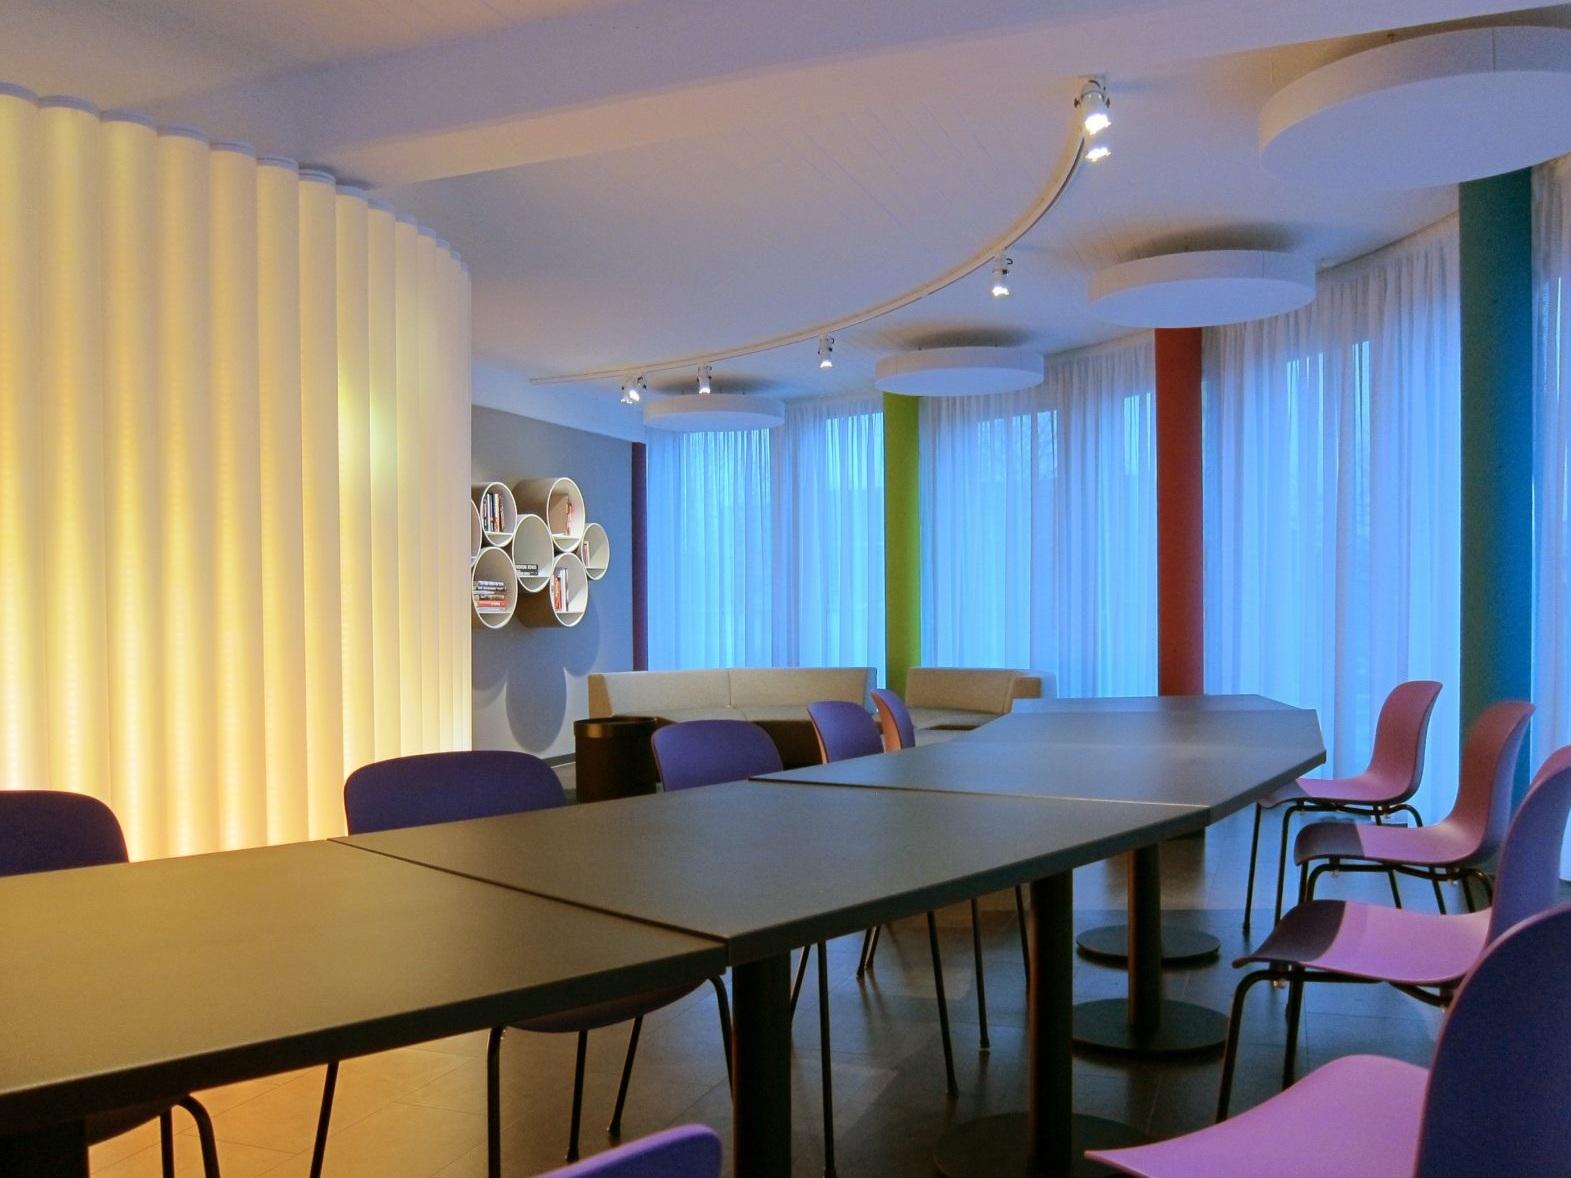 Pausen- und Präsentationsraum - Tische